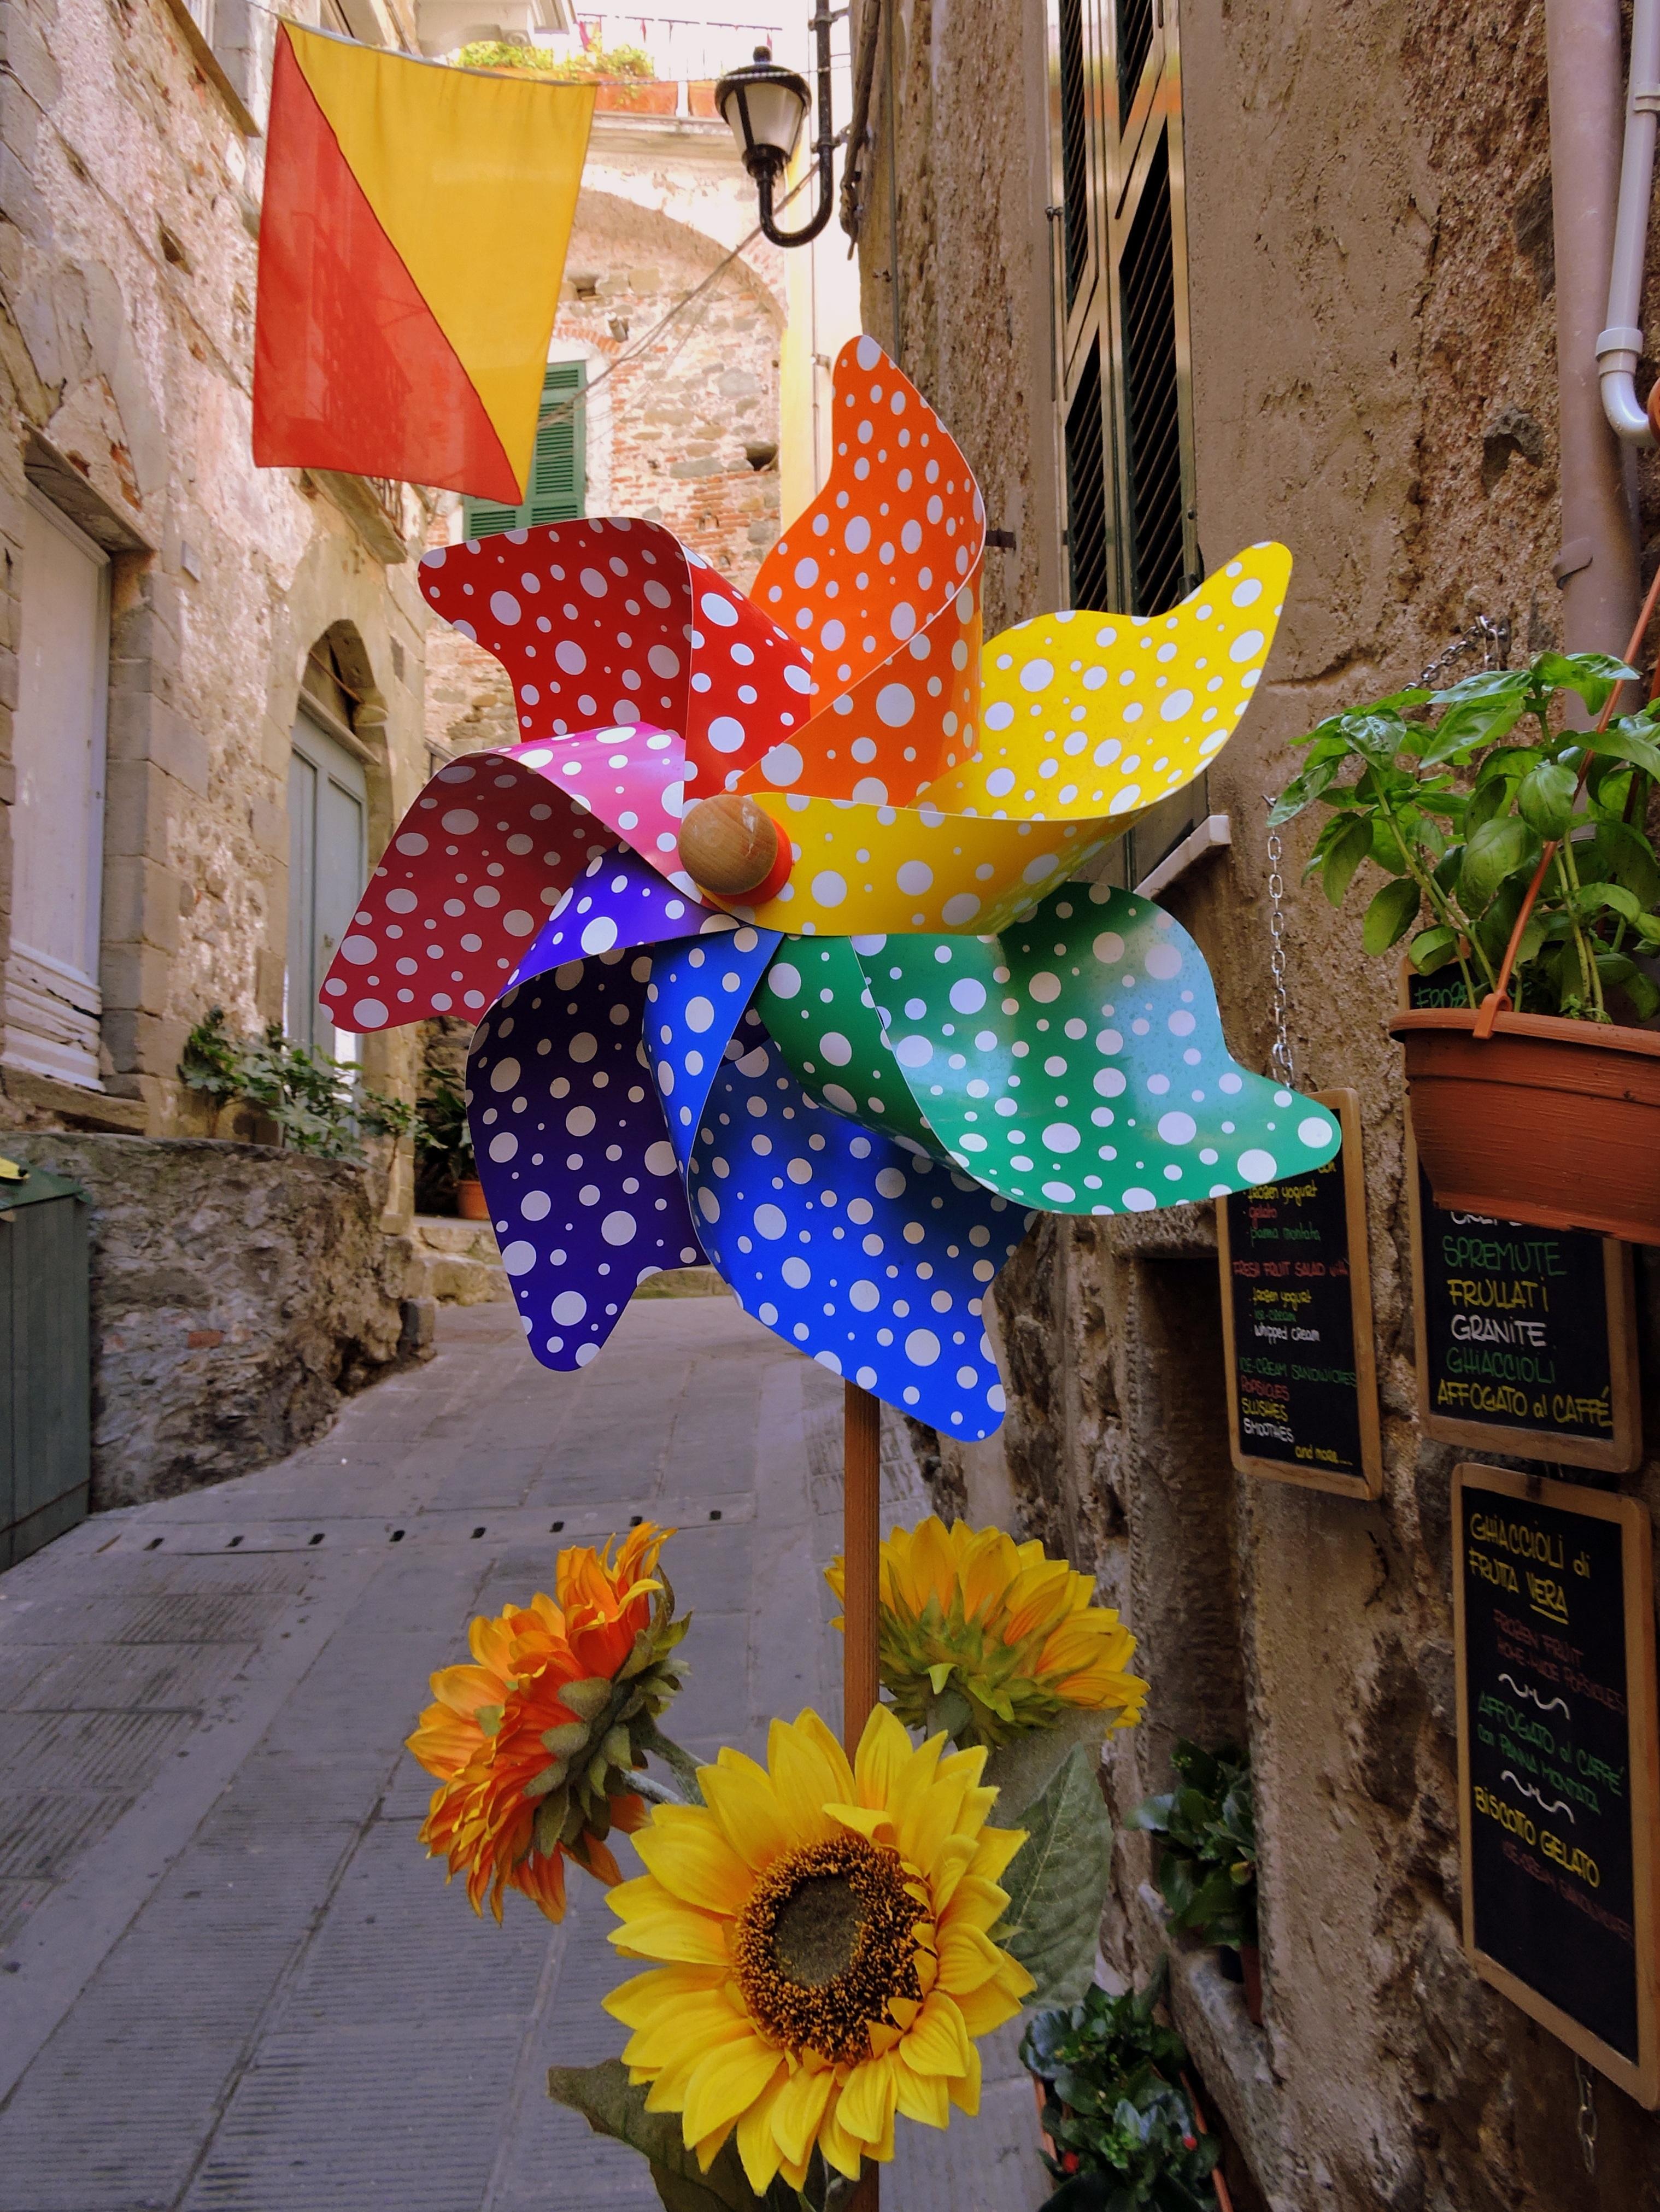 Kostenlose foto : Pflanze, Straße, Blume, Frühling, Farbe, Gelb ...